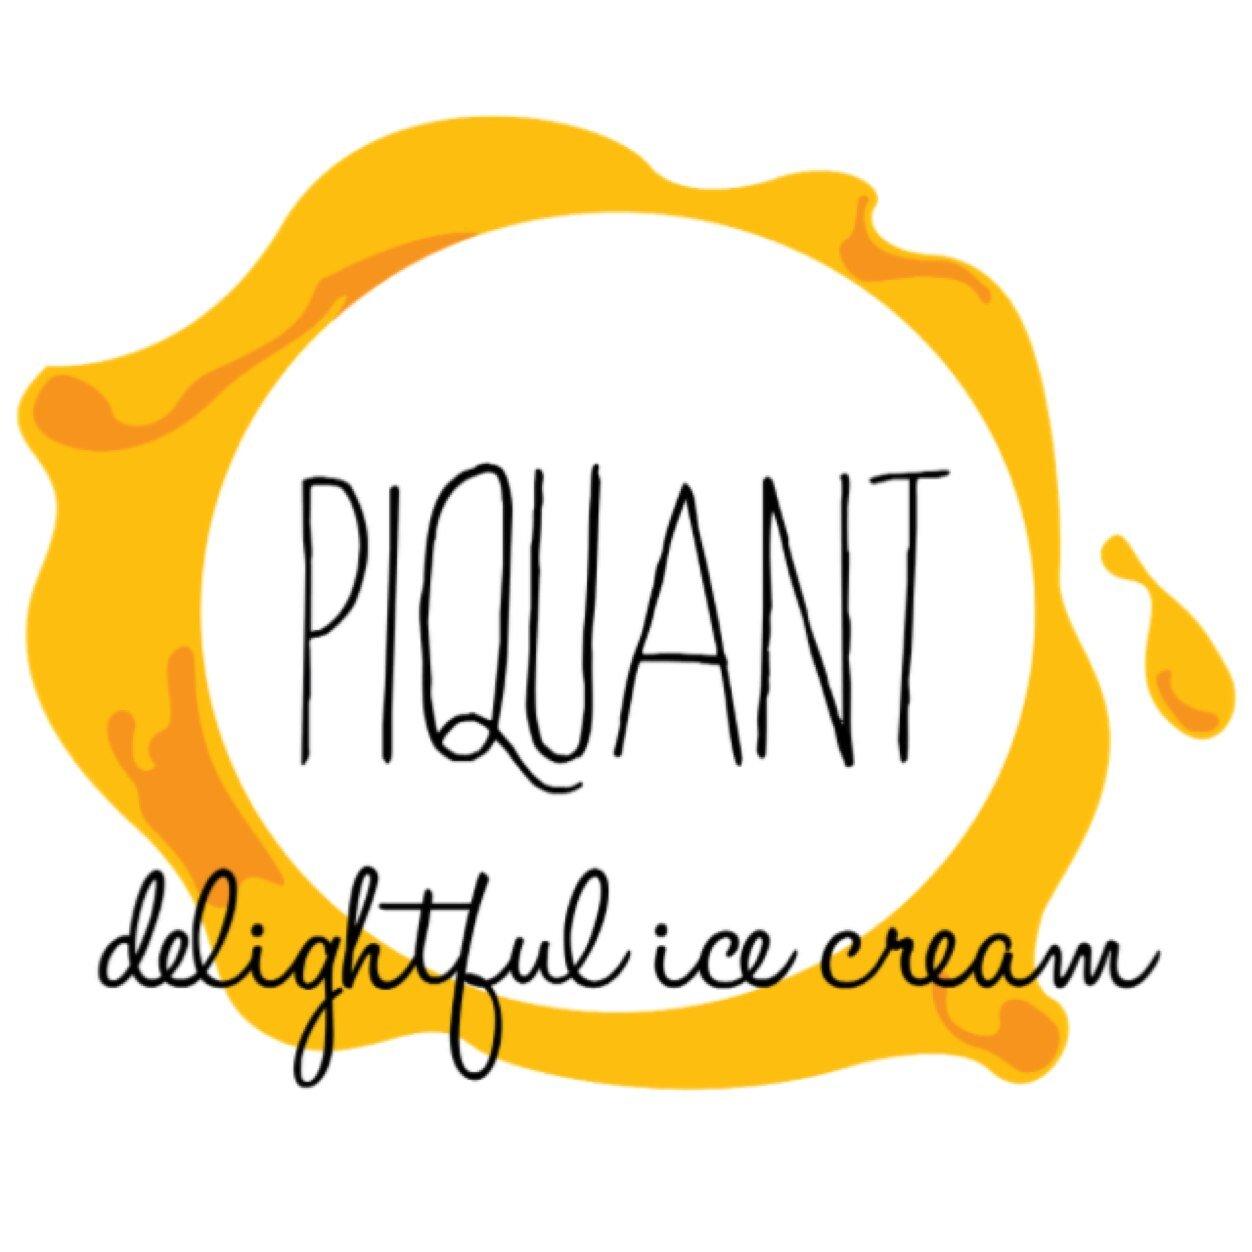 piquant ice cream (@piquanticecream).